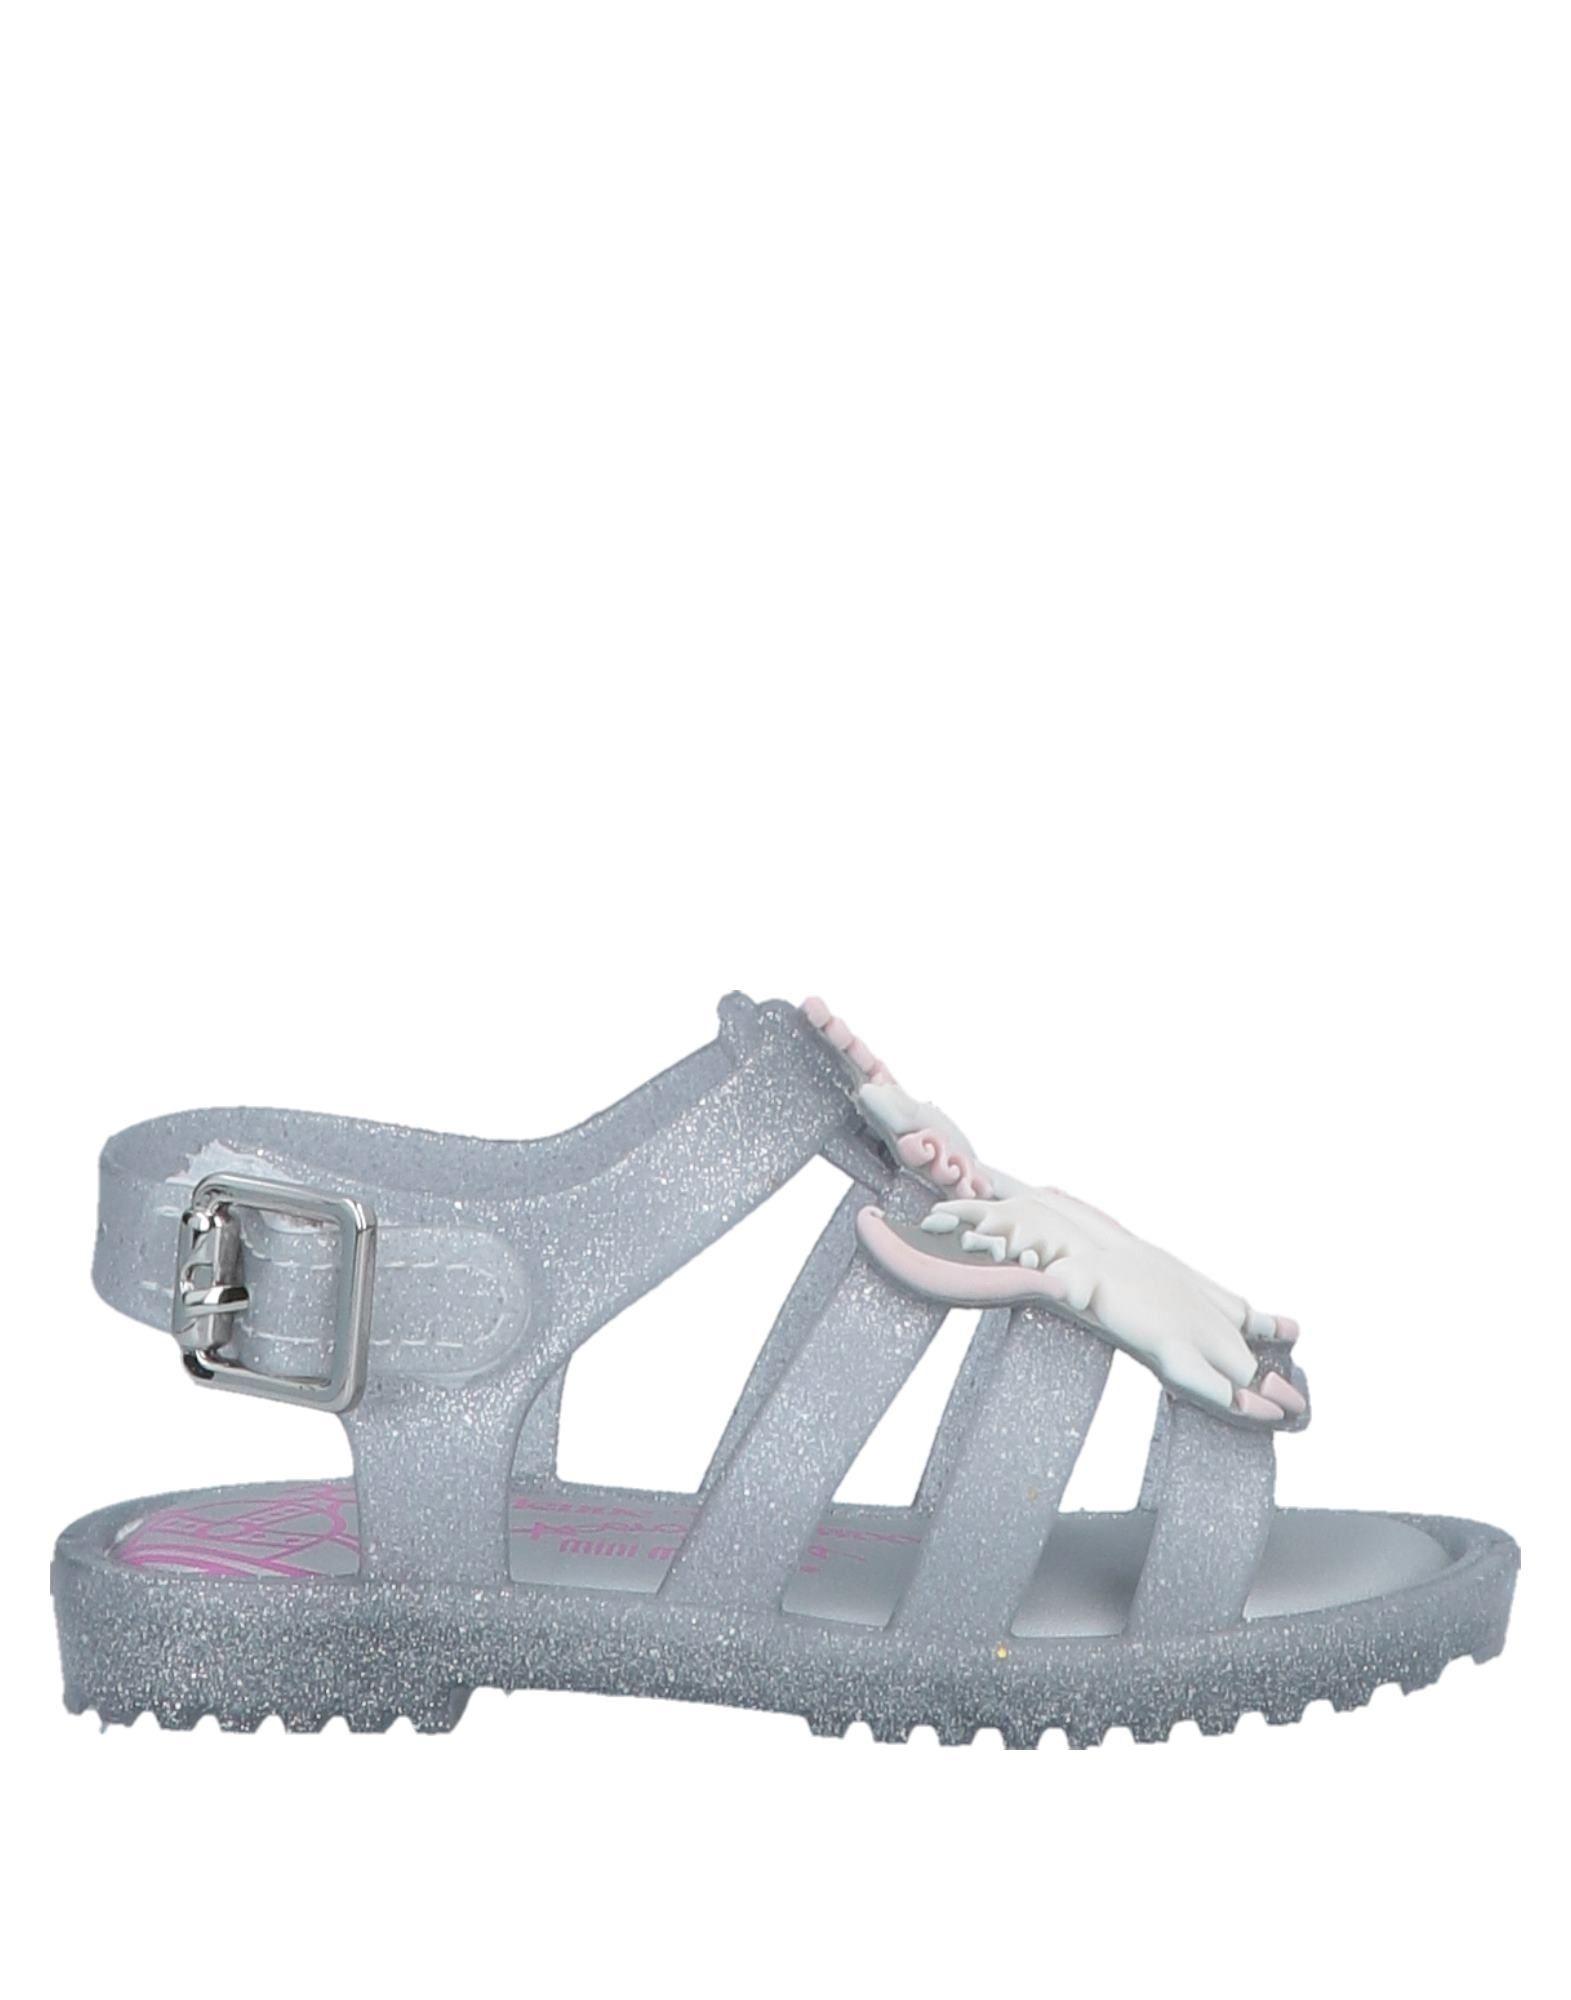 женские спортивные сандалии купить спб